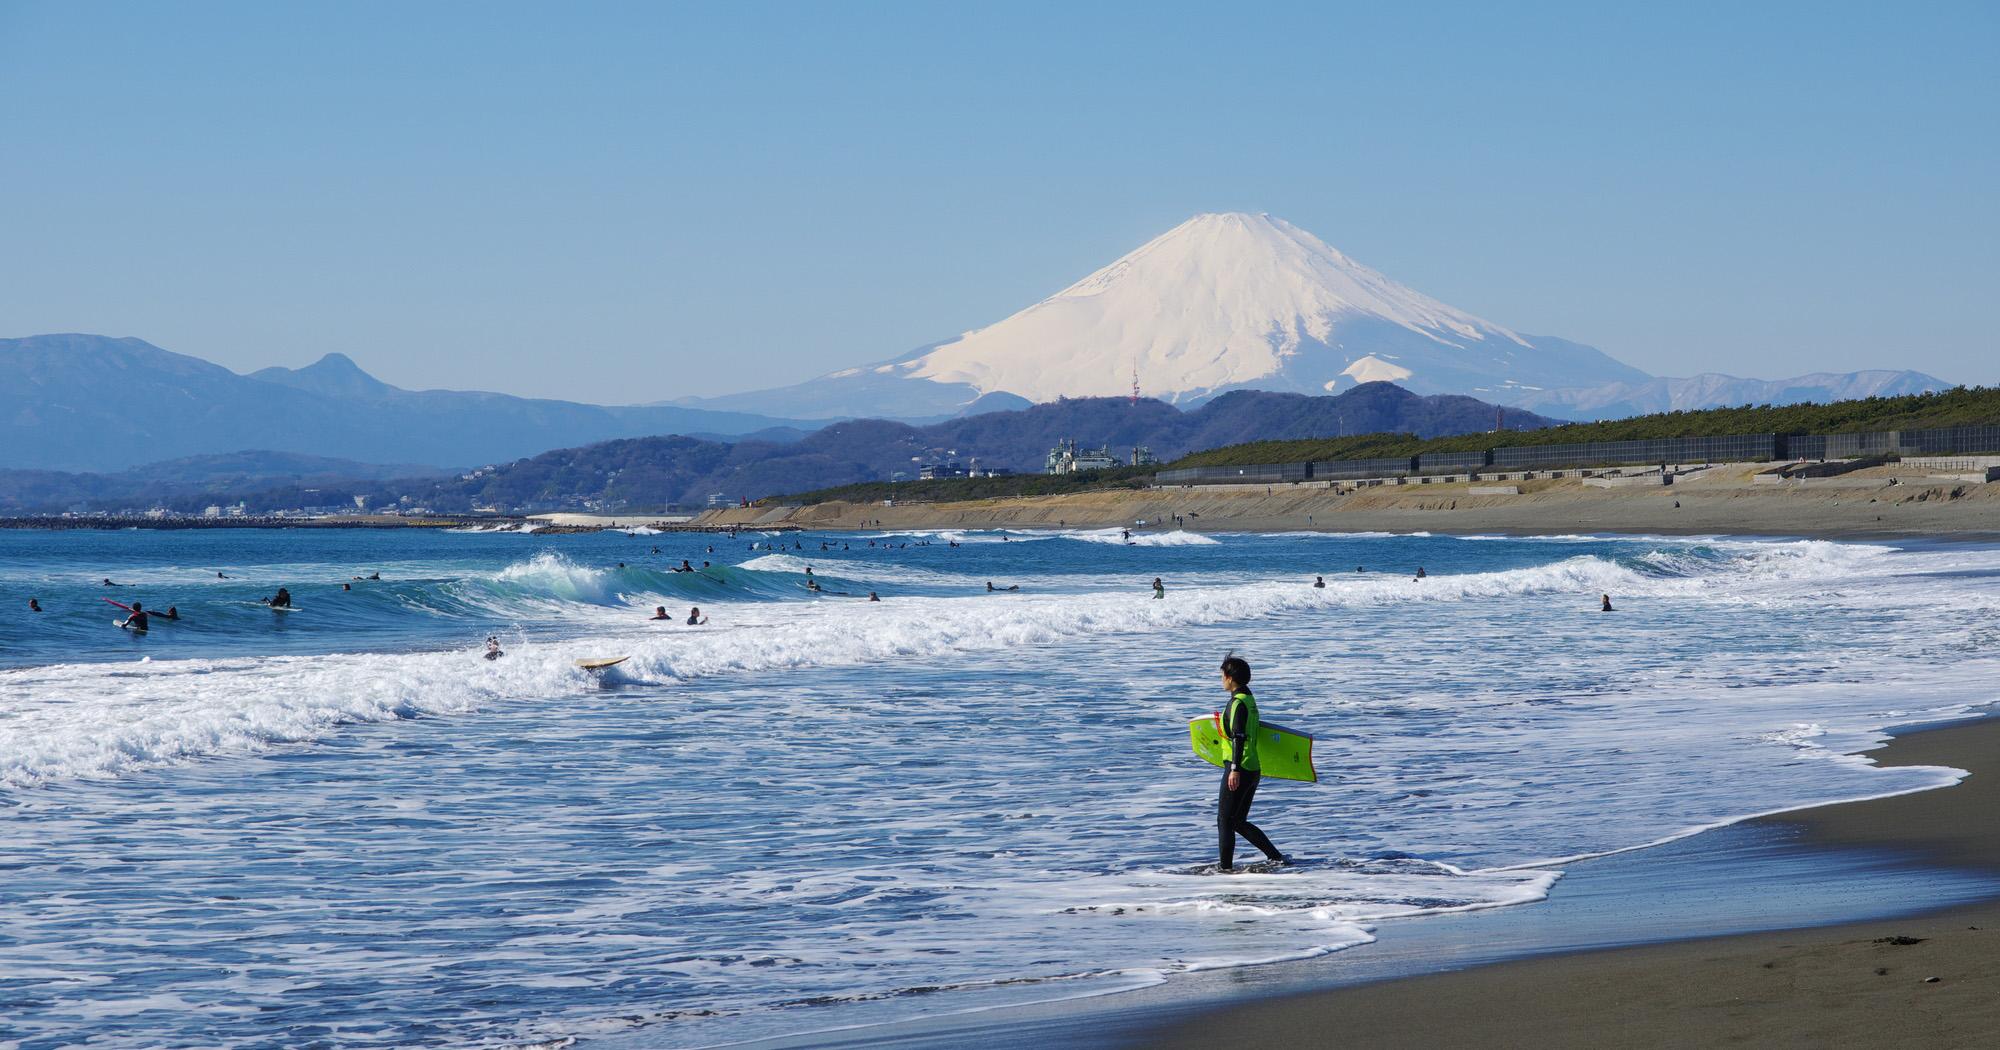 湘南ブランドと都心部への利便性が強みである神奈川県茅ヶ崎市。